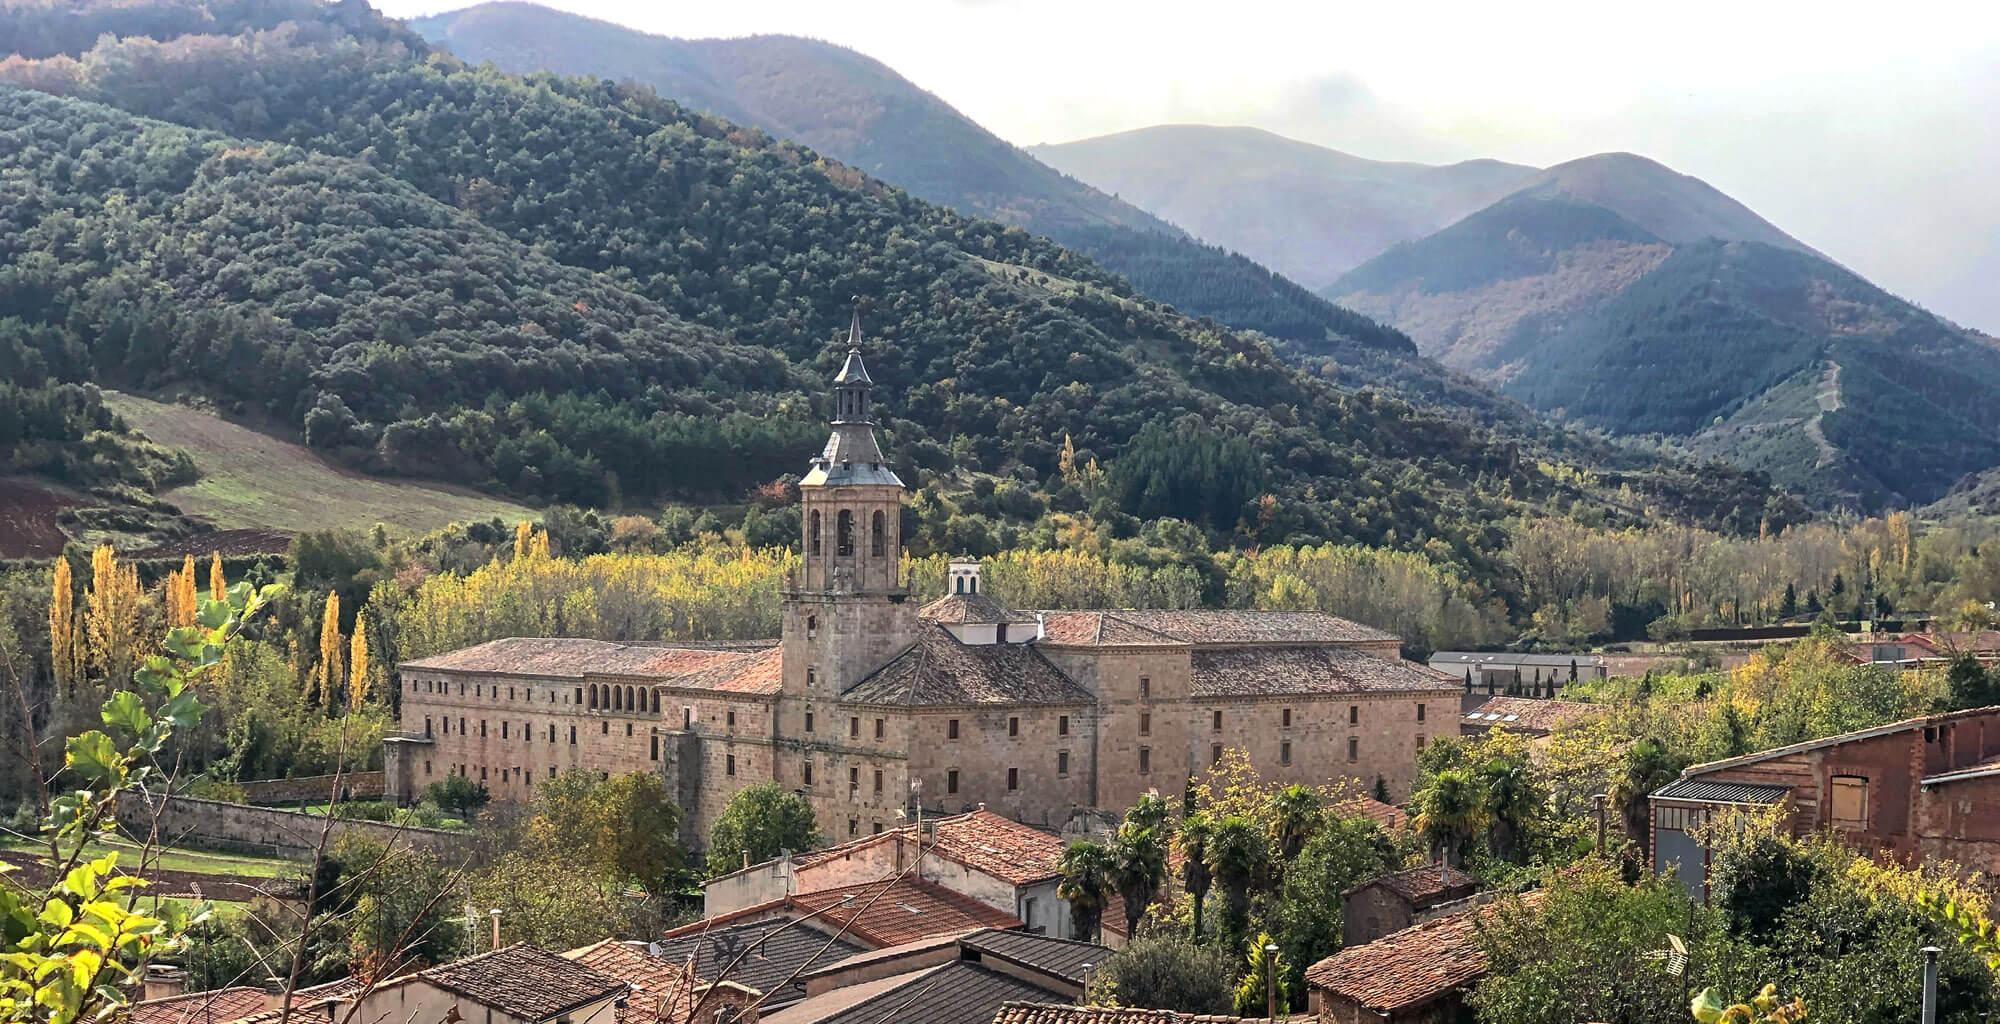 El Monasterio de San Millán de la Cogolla, esencial en la historia del Rioja y el cultivo del vino en la región